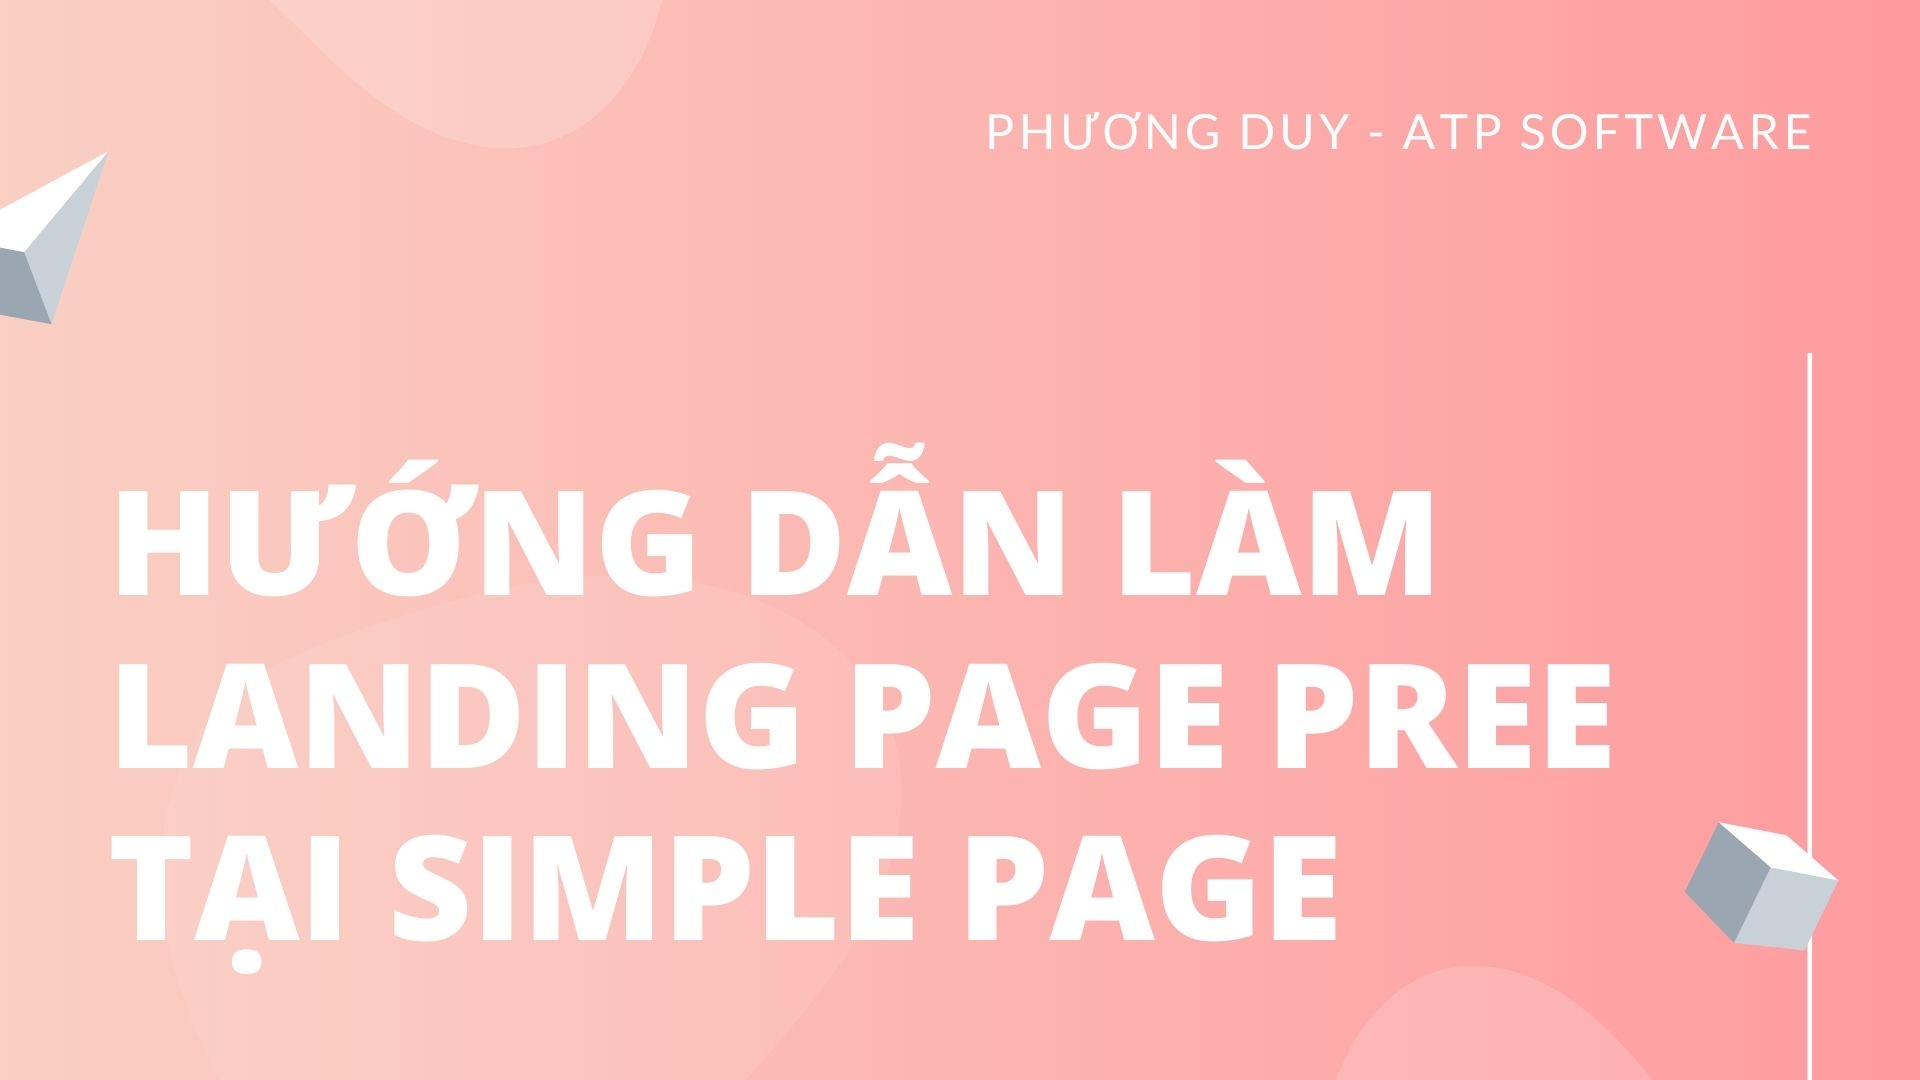 Cách làm Landing Page Pree